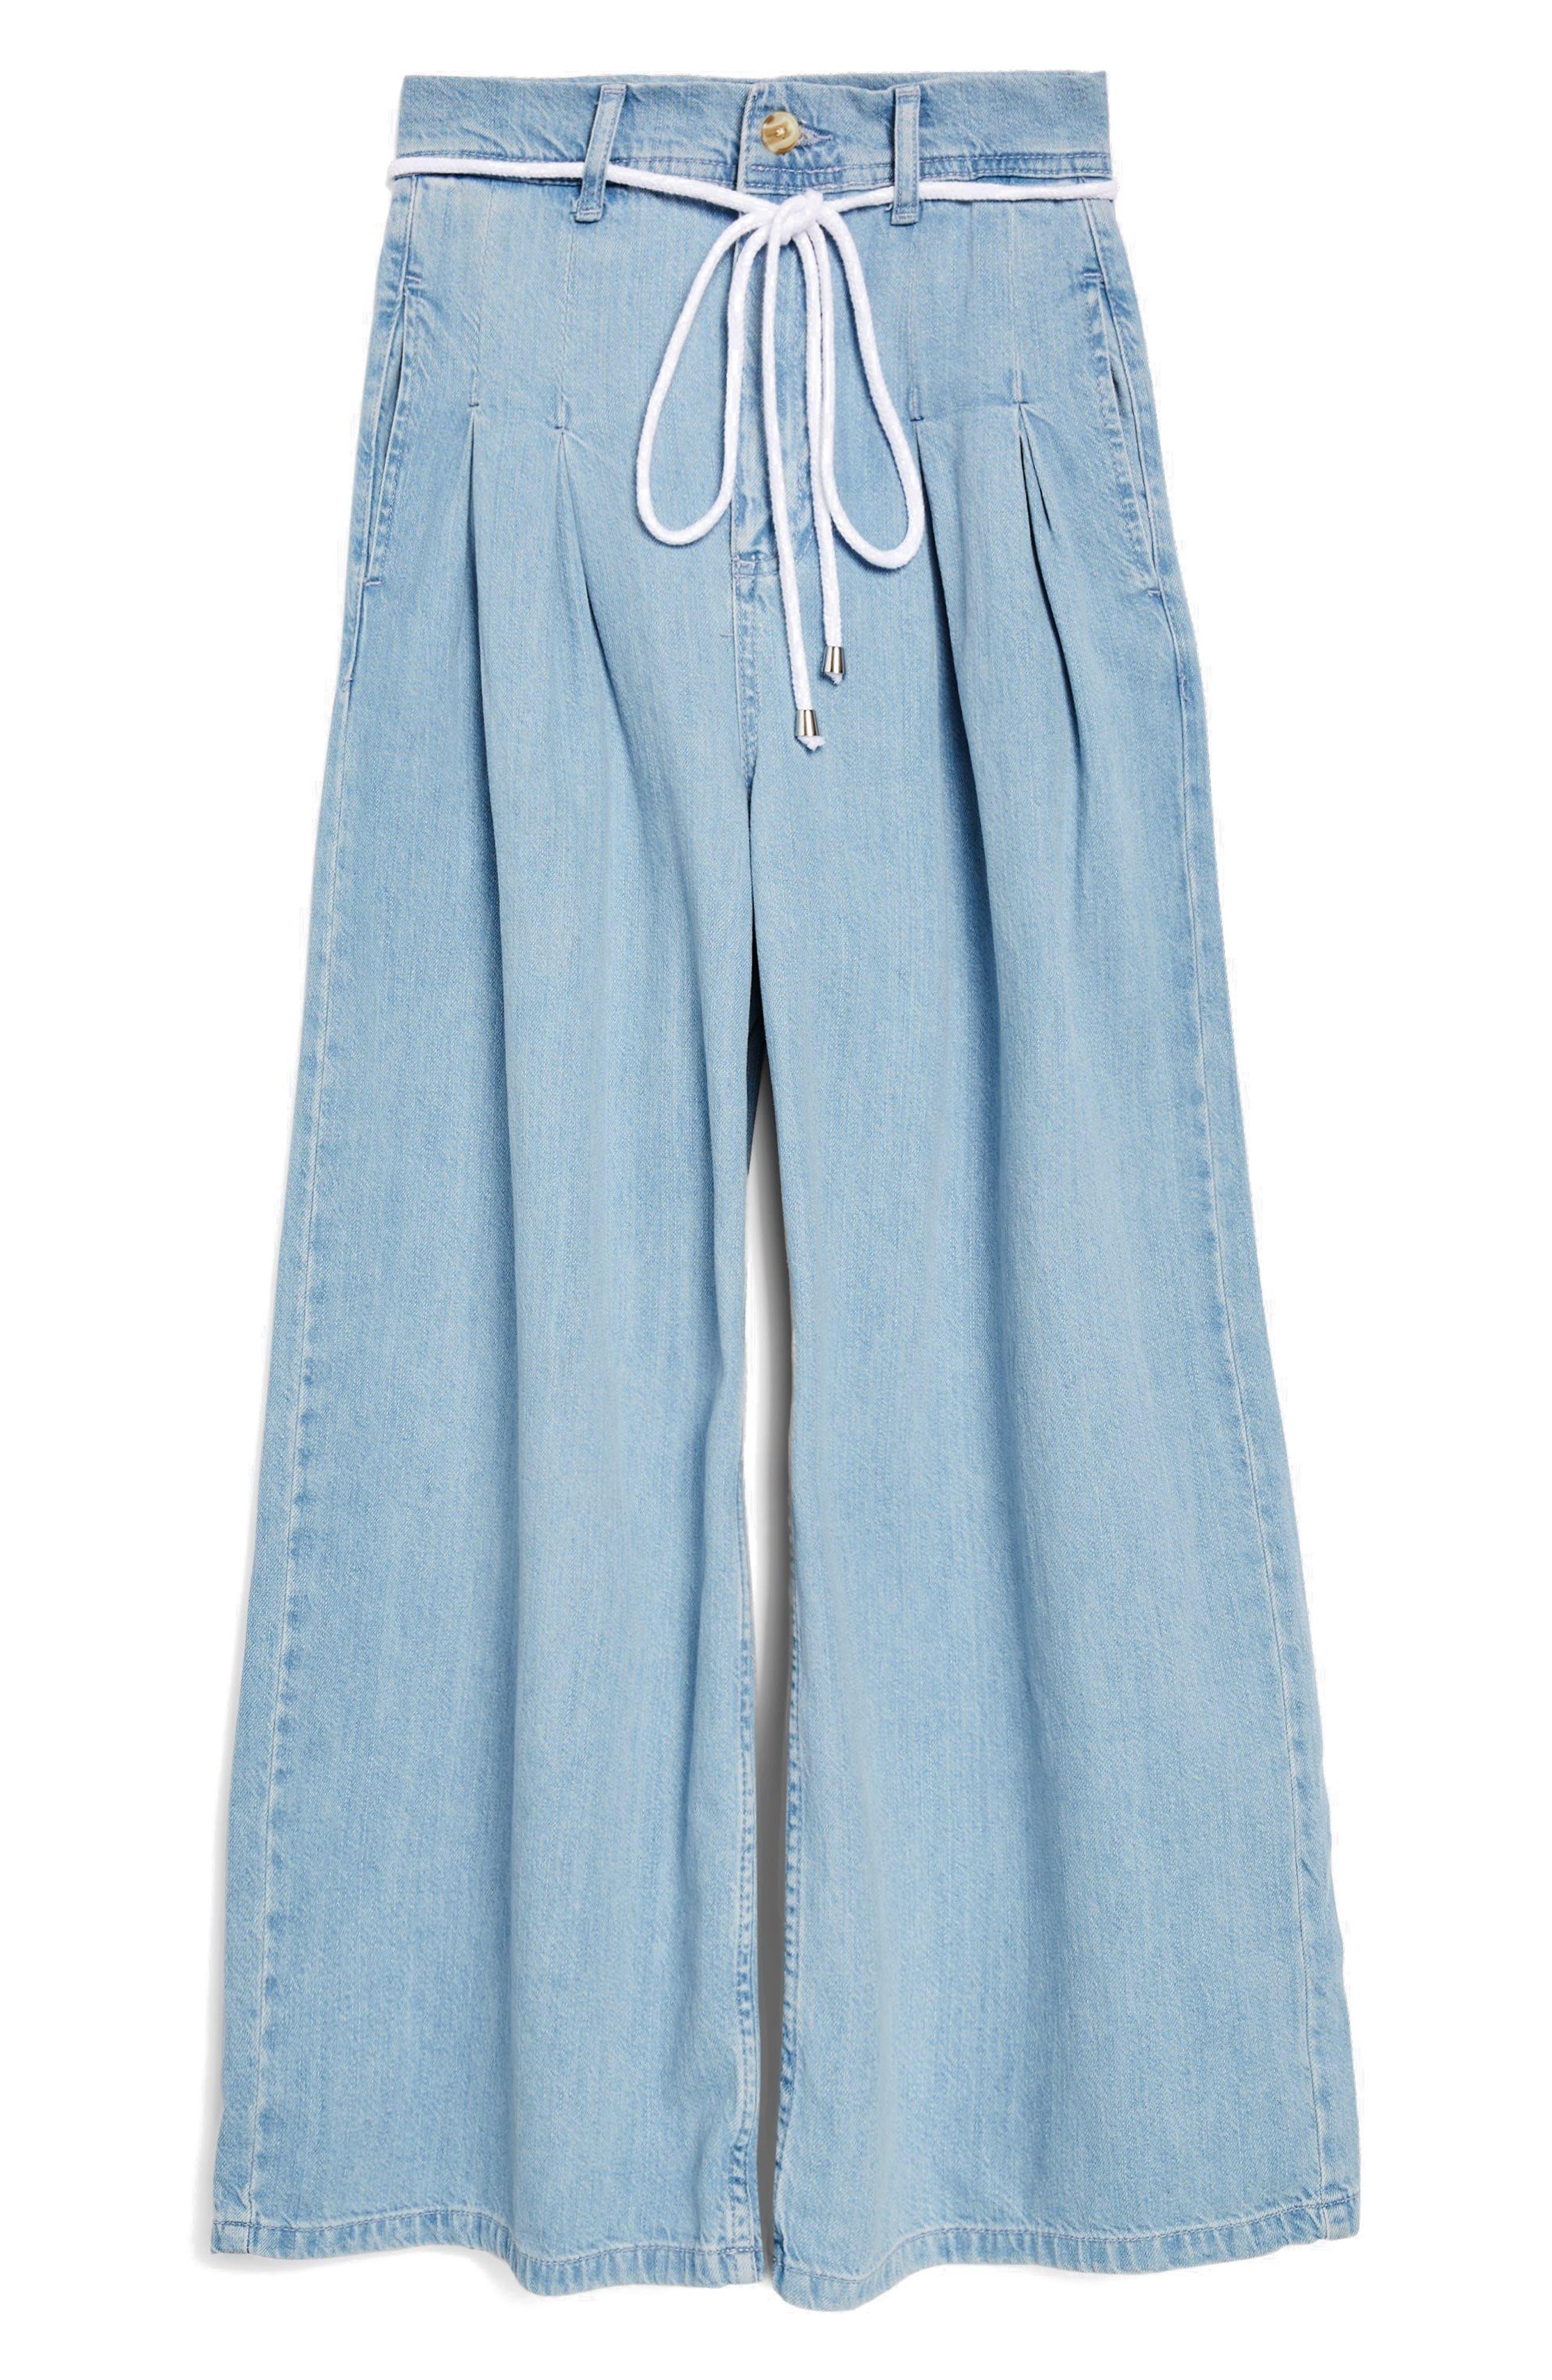 MOTO Pleat Tie Crop Wide-Leg Jeans,                             Alternate thumbnail 3, color,